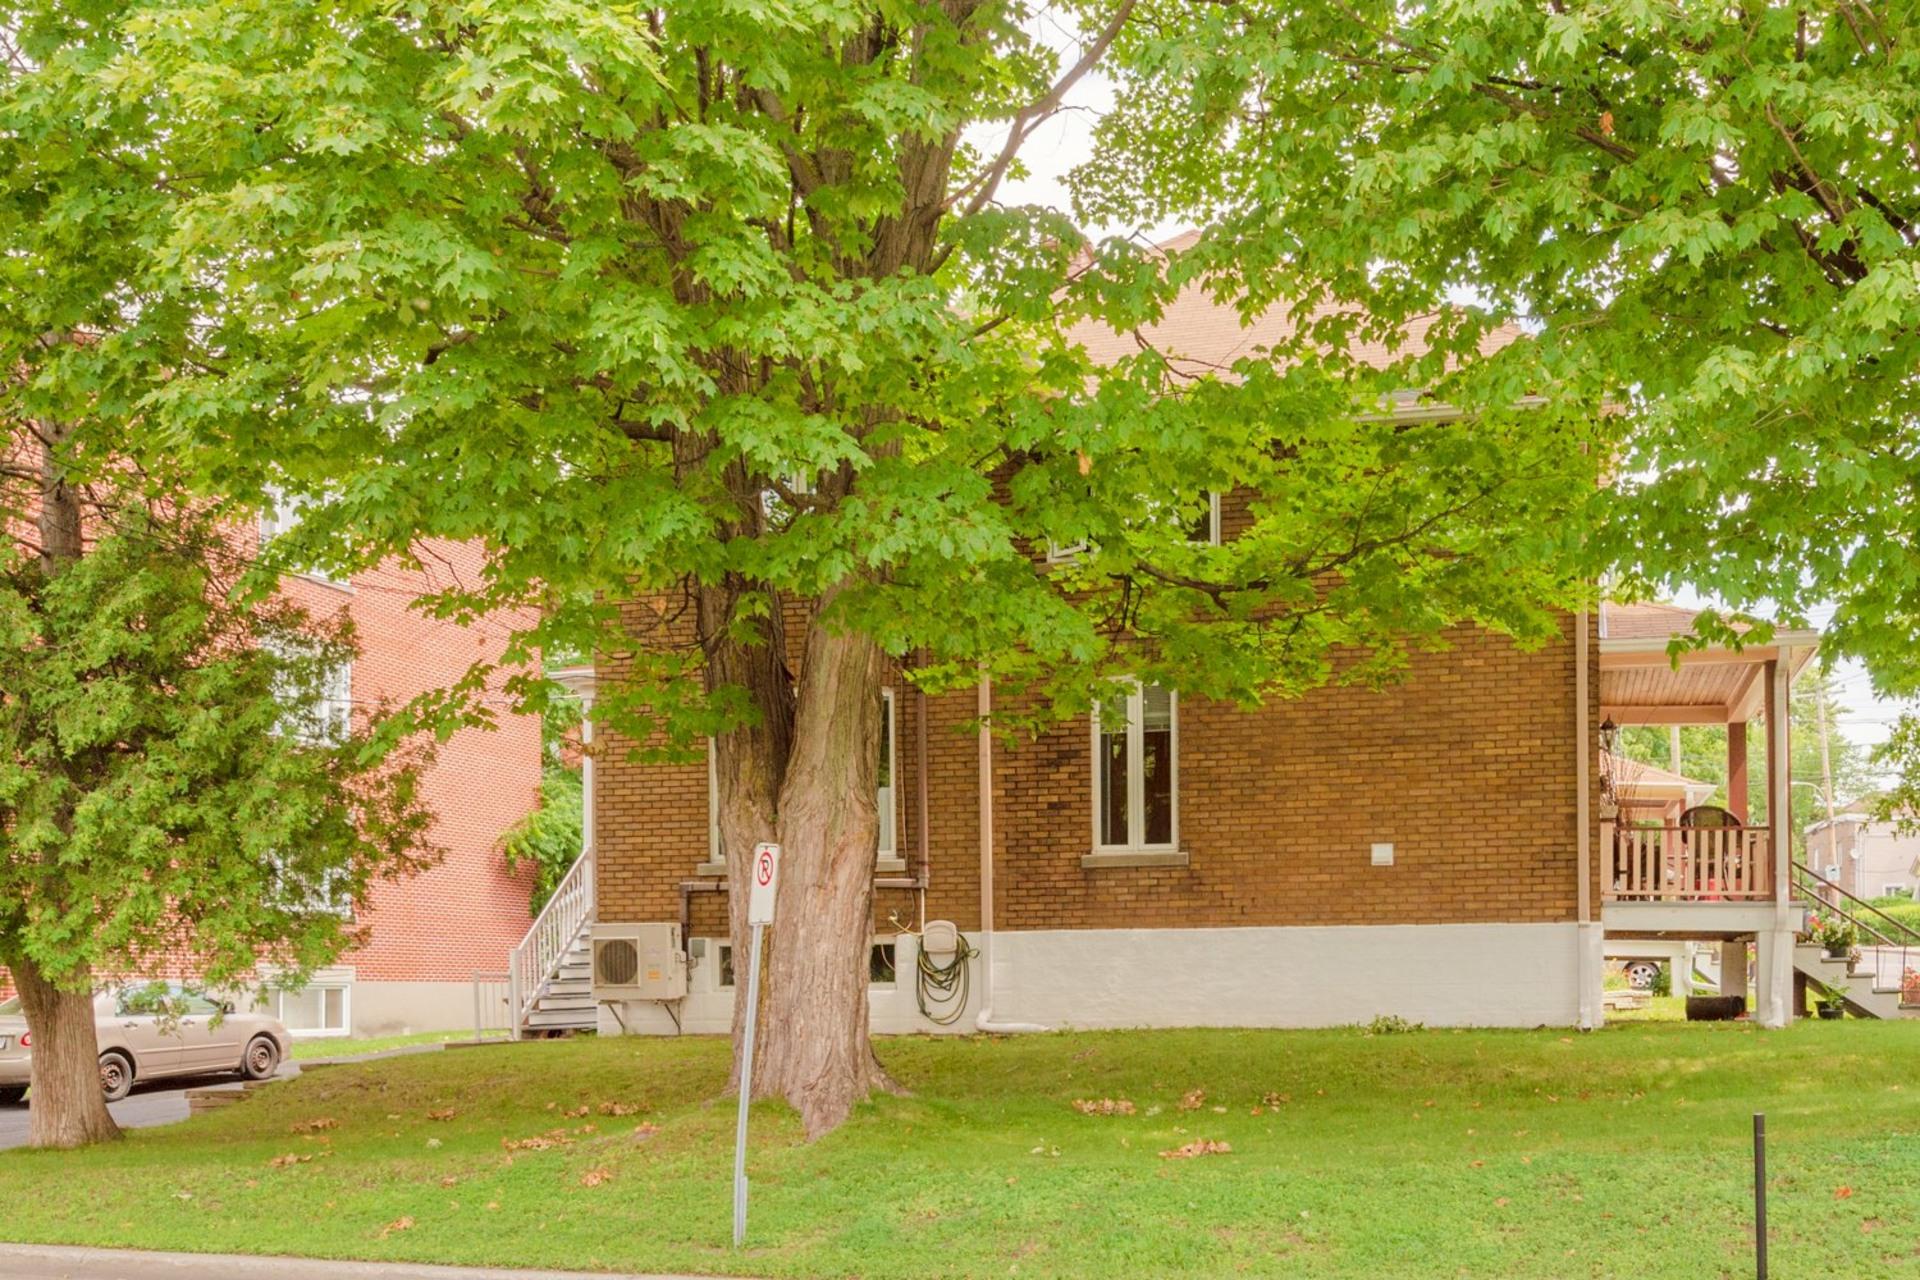 image 19 - Duplex For sale Sainte-Anne-de-Bellevue - 6 rooms